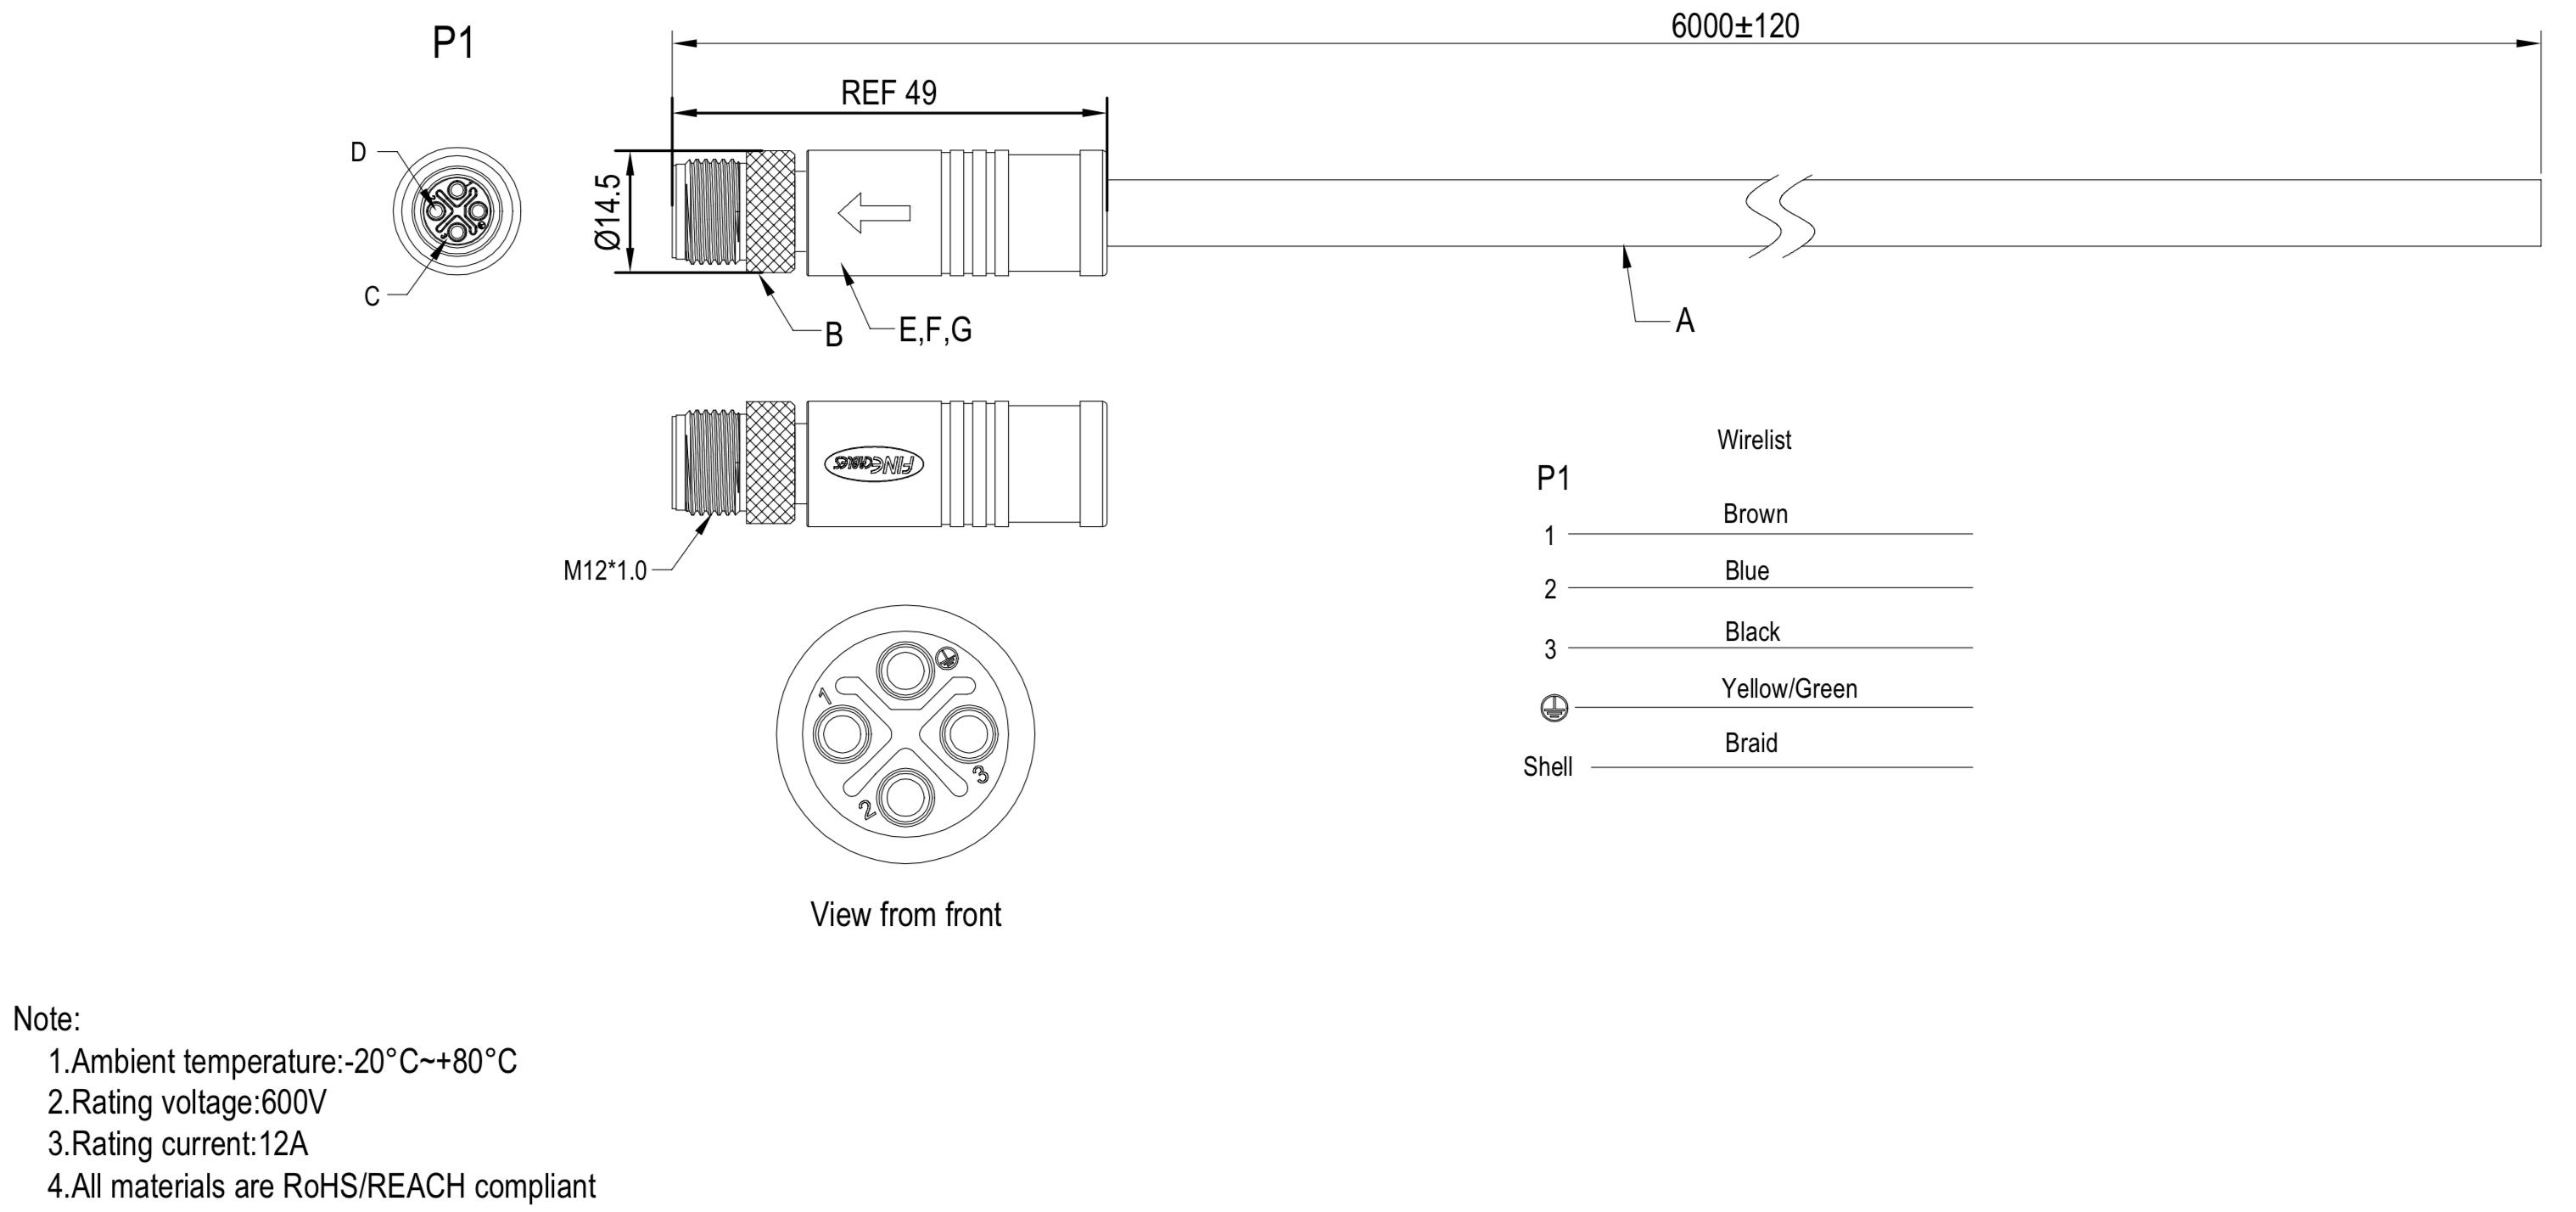 Kabel zum anschließen von HF-Spindeln